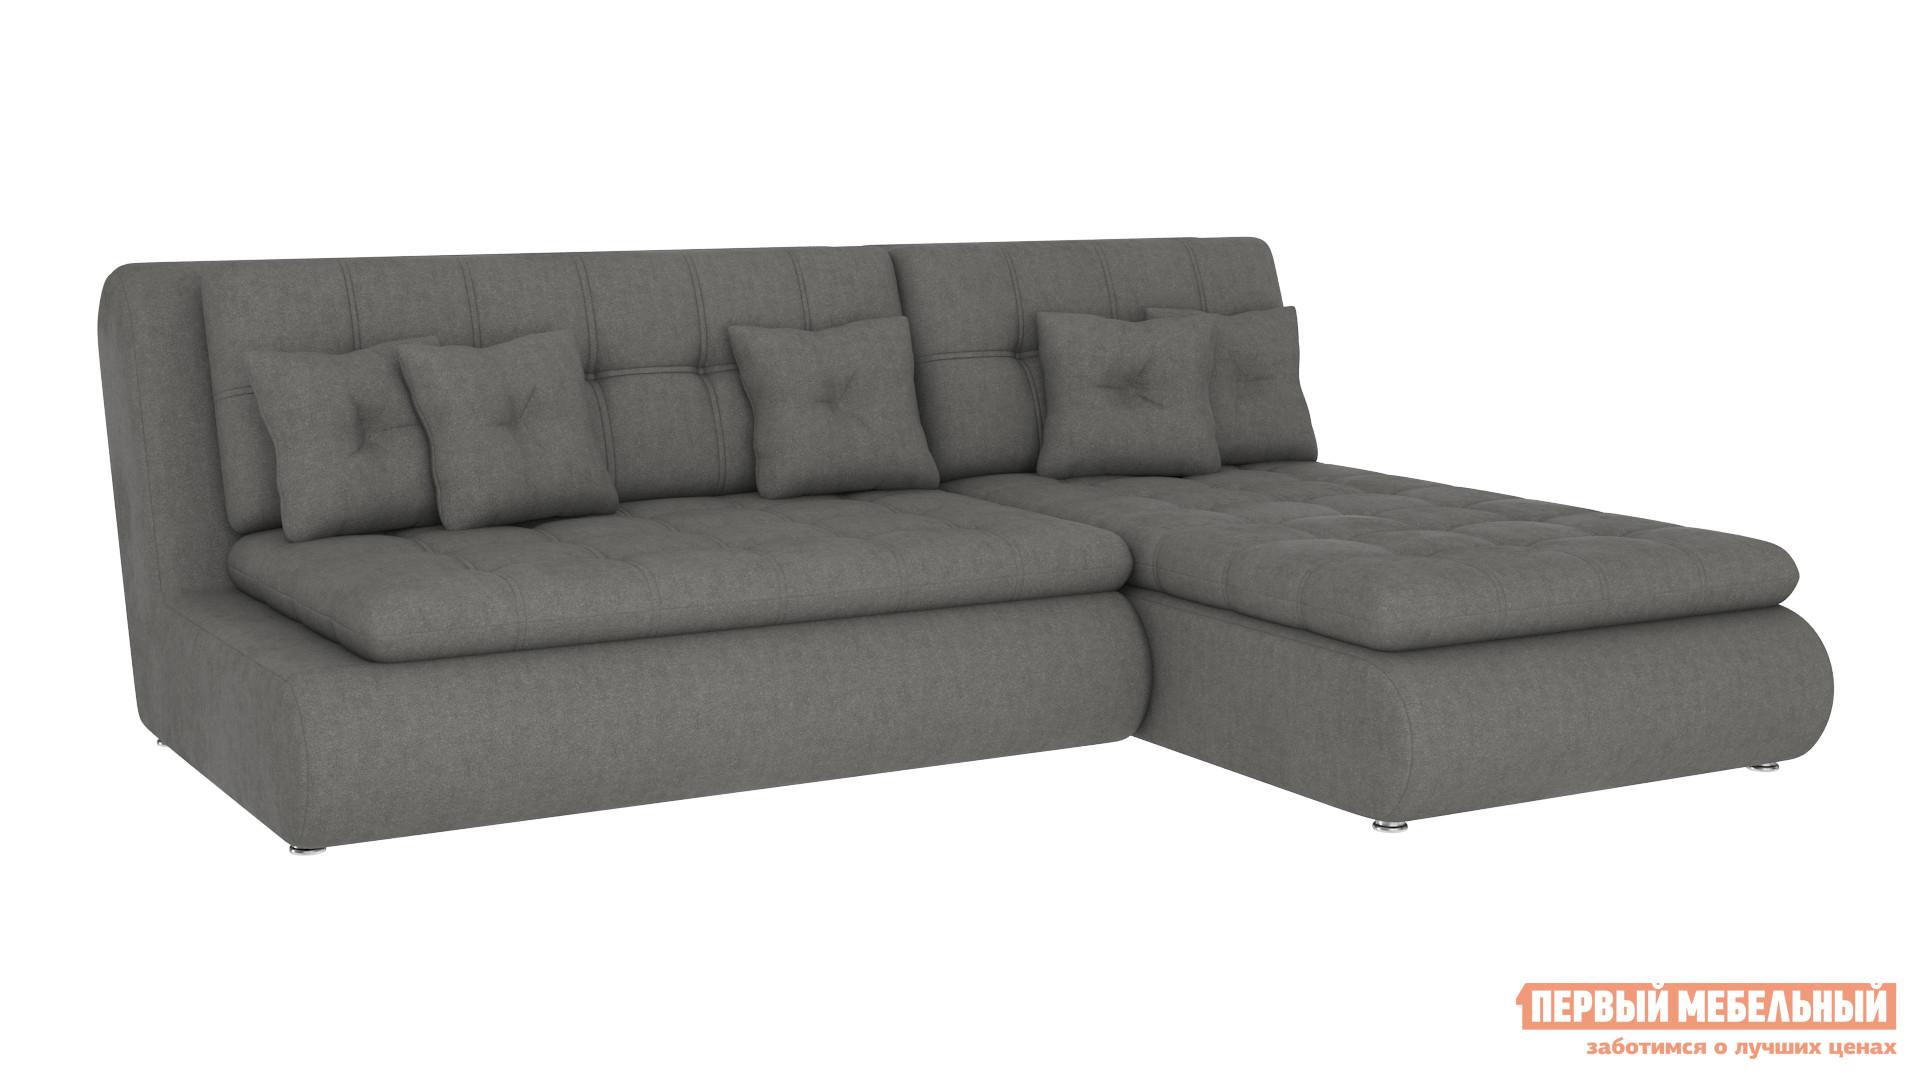 Угловой диван Первый Мебельный Диван Палермо с оттоманкой